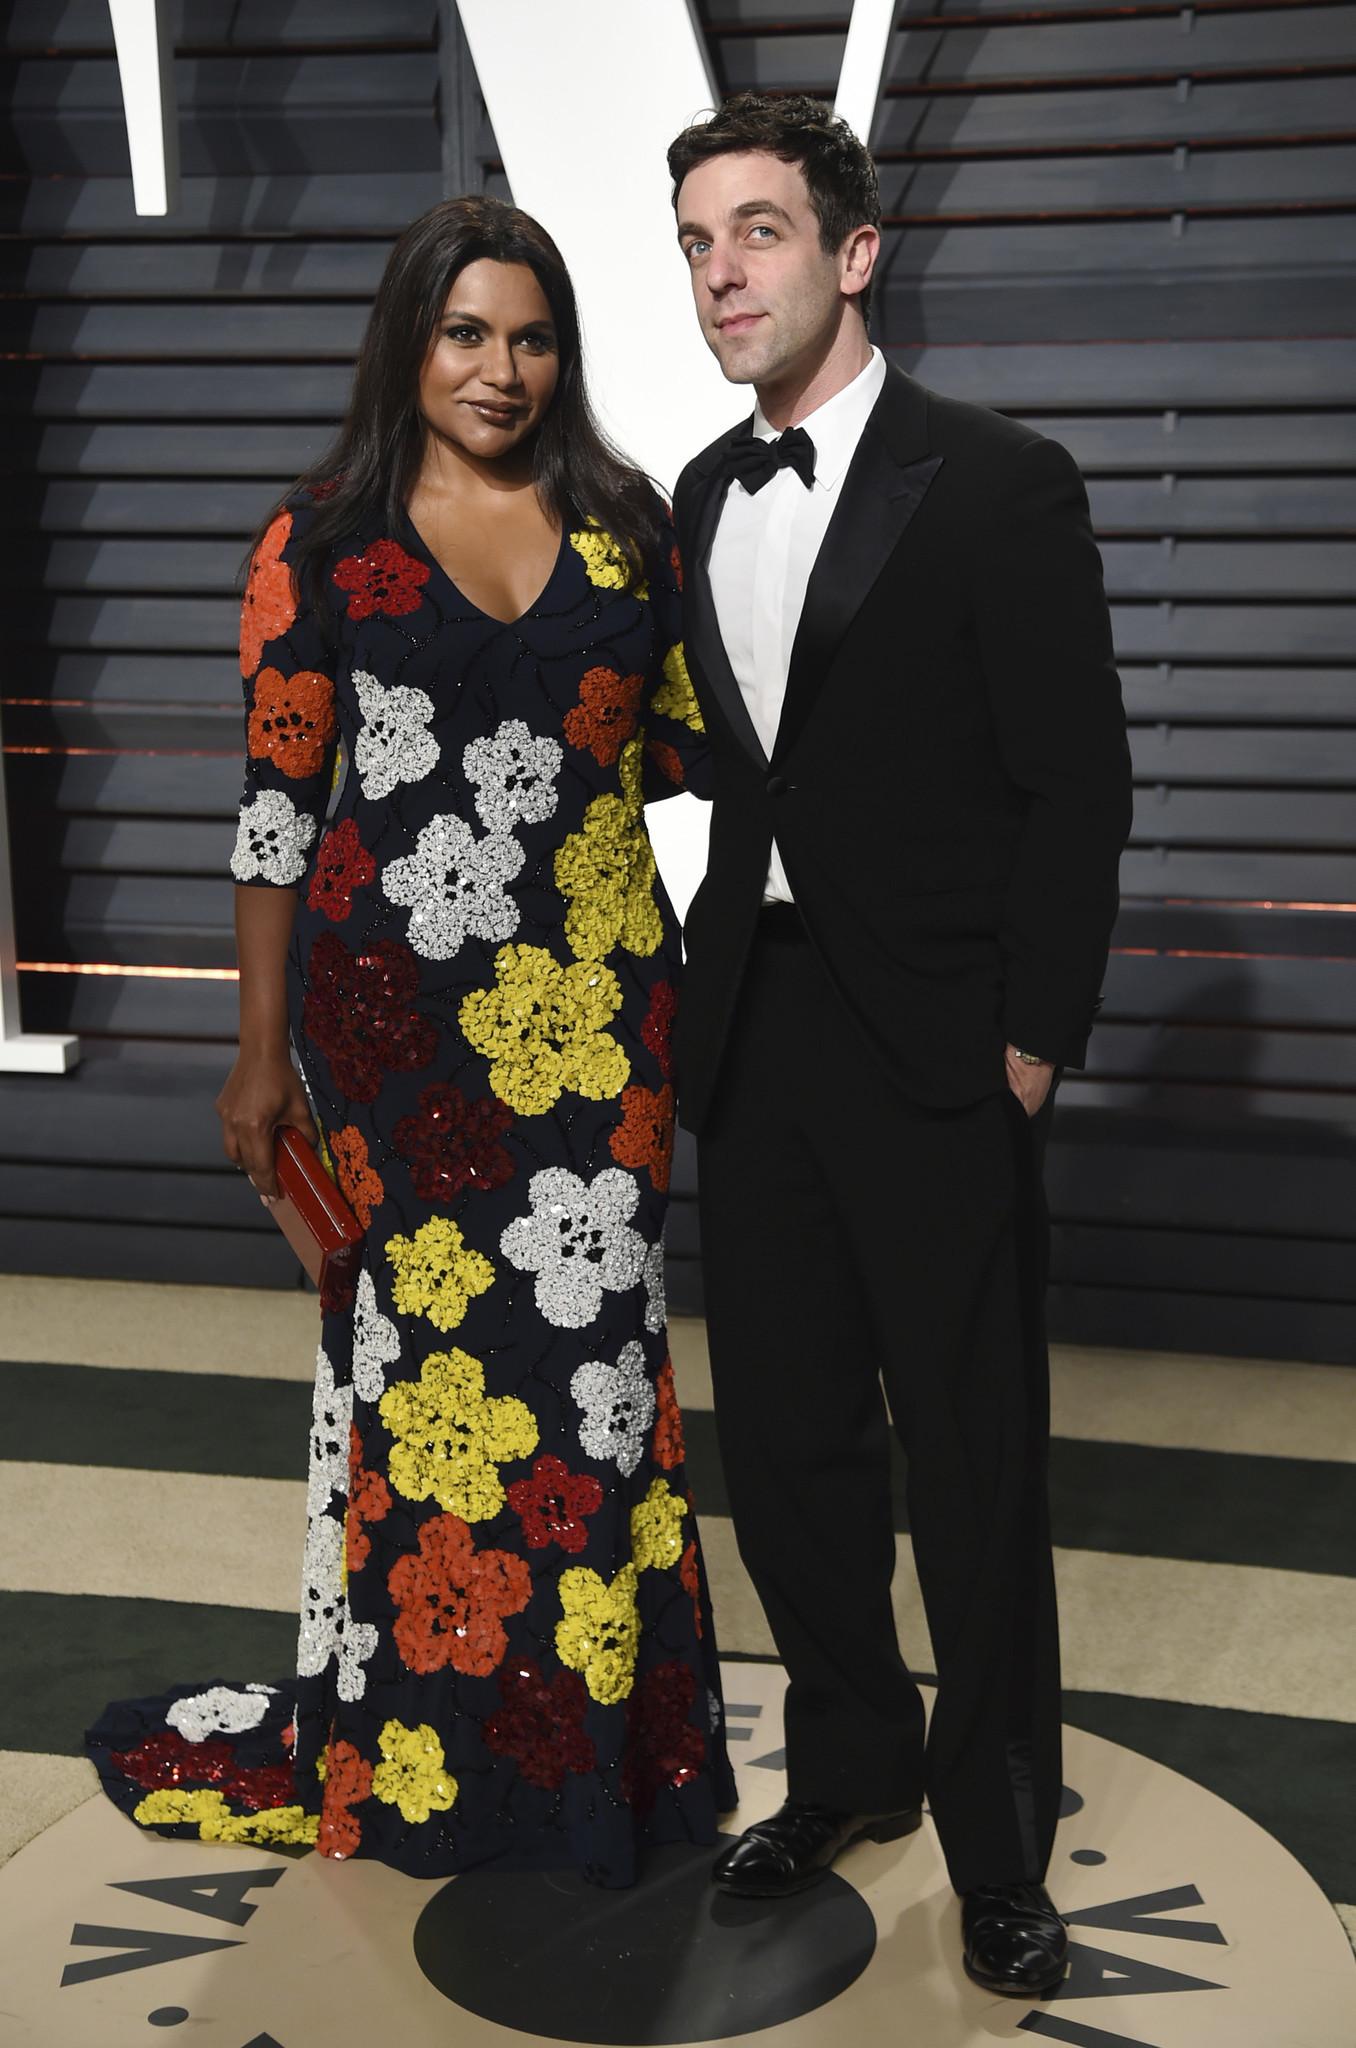 Mindy Kaling and B.J. Novak.